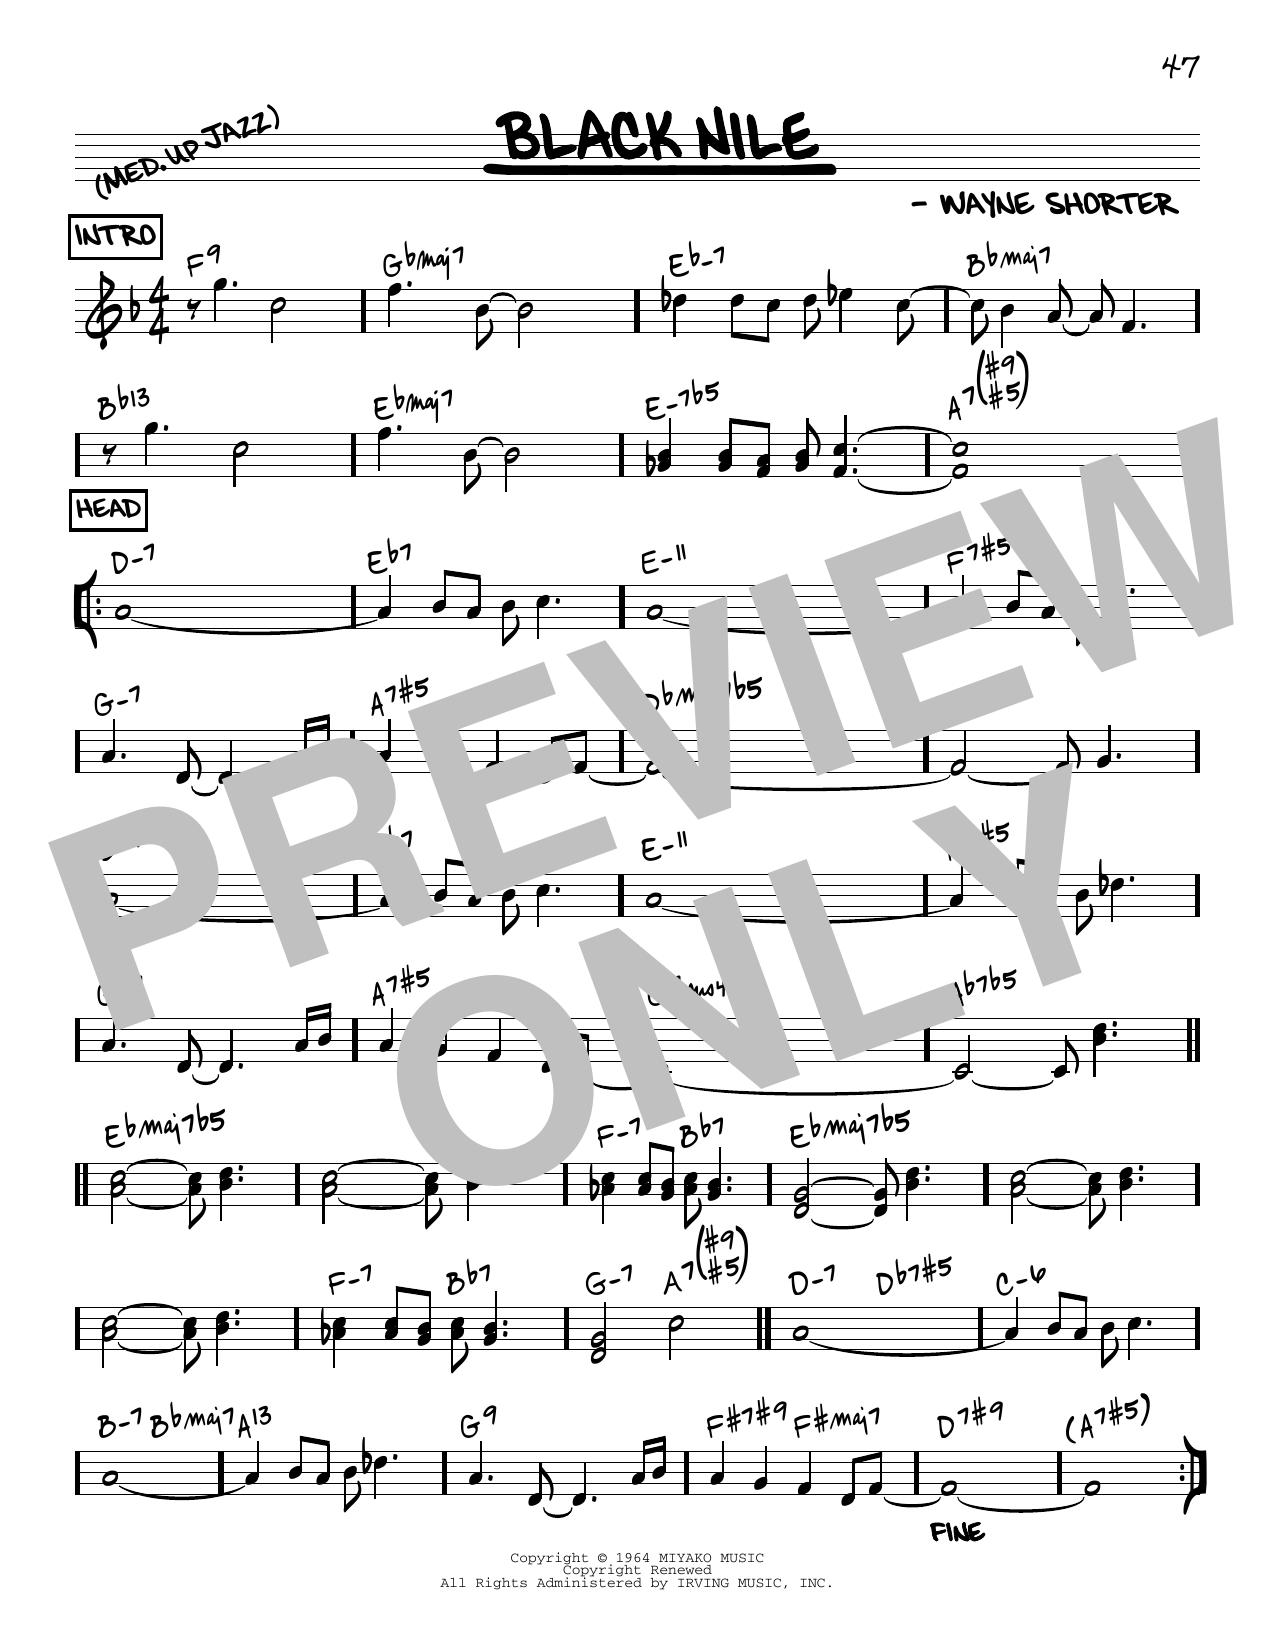 Wayne Shorter Black Nile [Reharmonized version] (arr. Jack Grassel) sheet music notes printable PDF score